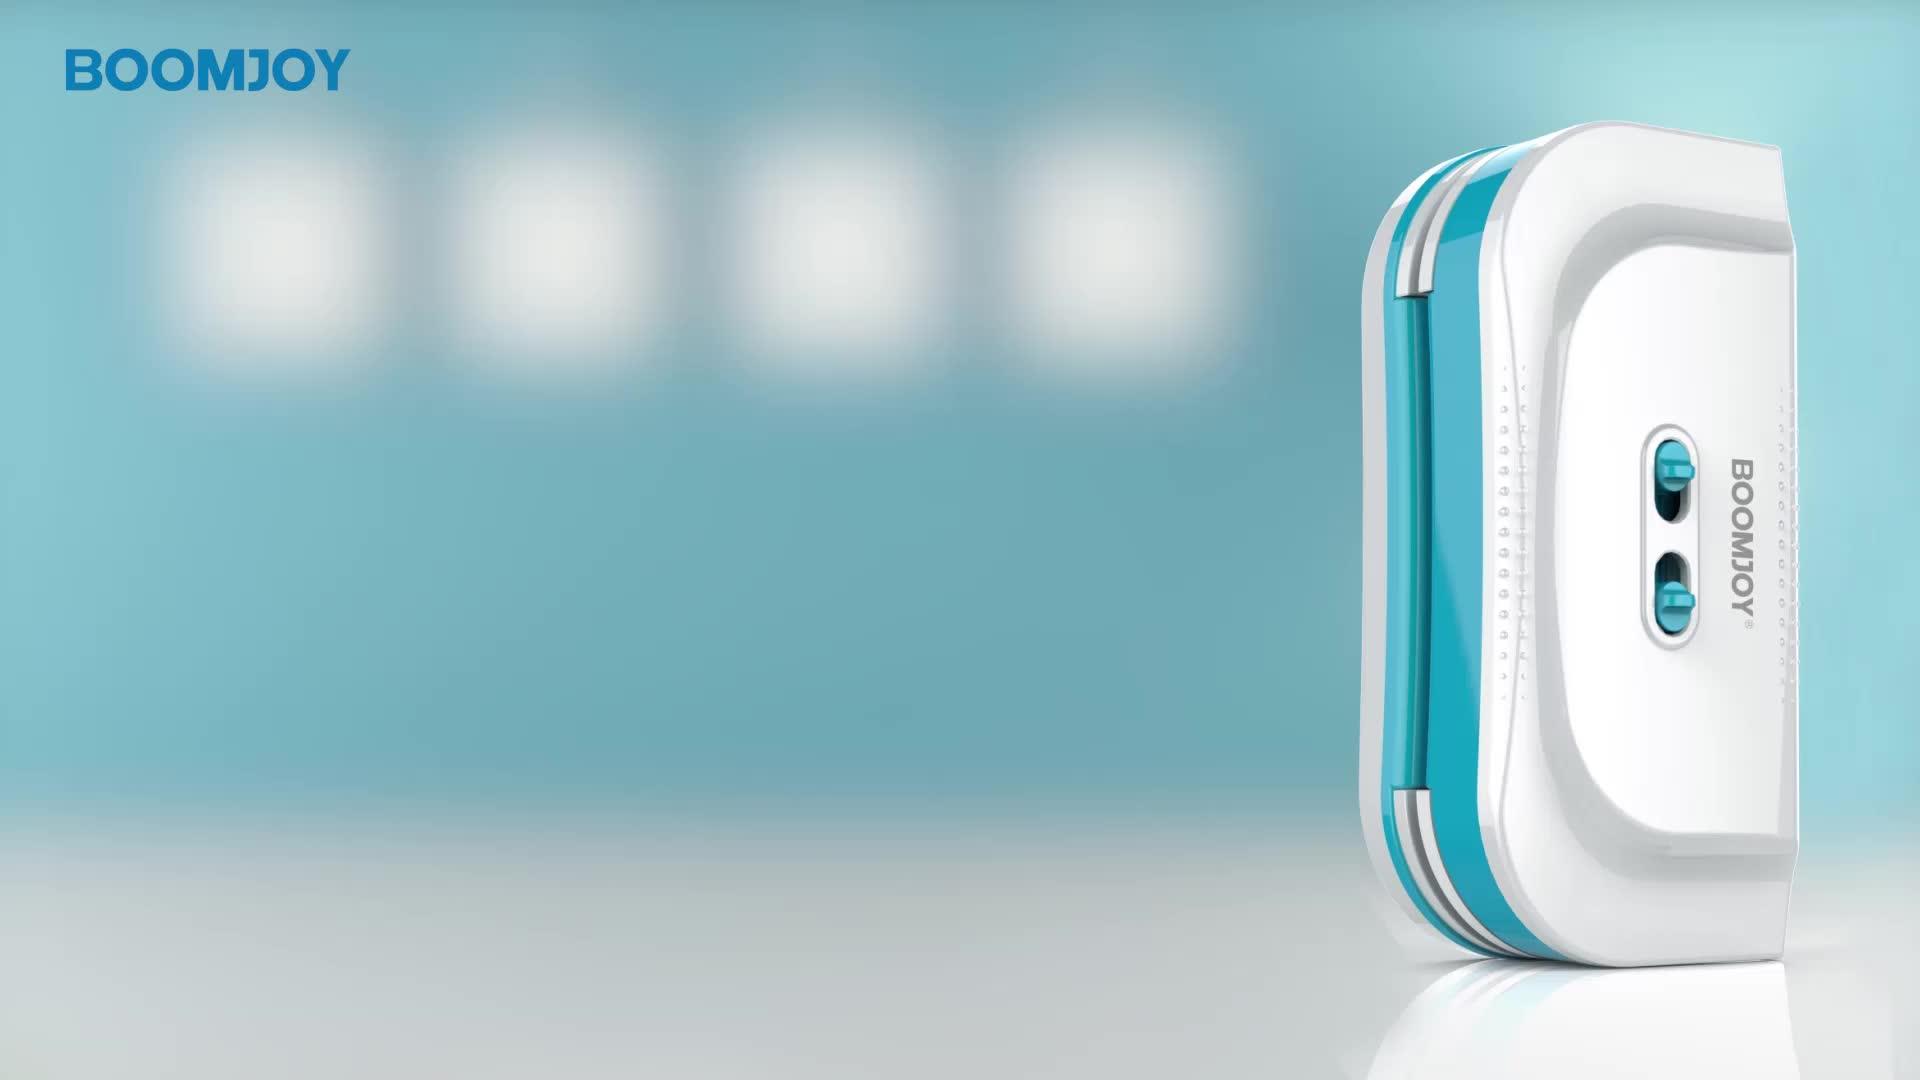 Boomjoy magnetische fenster reiniger rakel magie doppel seiten glas fenster wischer haus reinigung werkzeuge